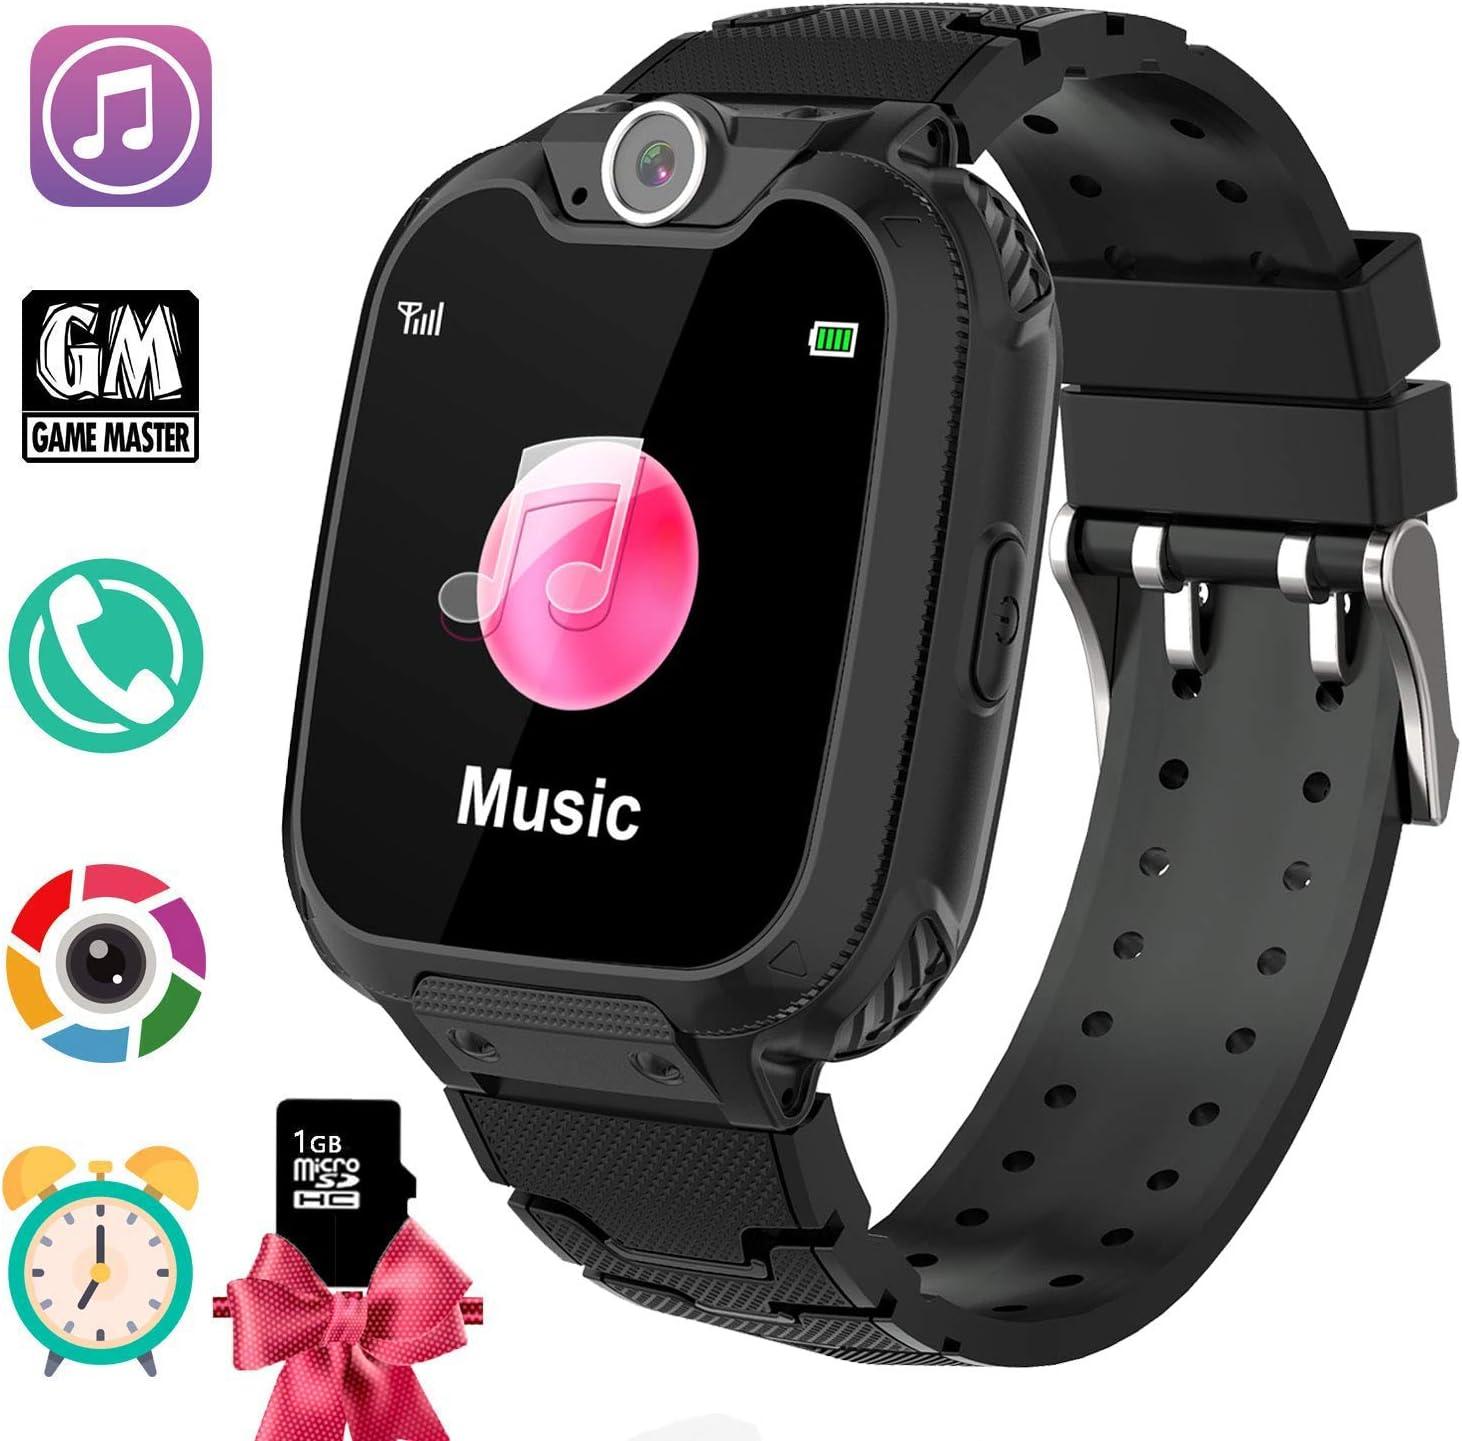 PTHTECHUS Reloj Inteligente para Juegos Infantiles con MP3 Player - [1GB Micro SD Incluido] Llamada de Pantalla táctil de 2 vías Juego de Alarma cámara Reloj Regalo de Juguete de cumpleaños (Negro)